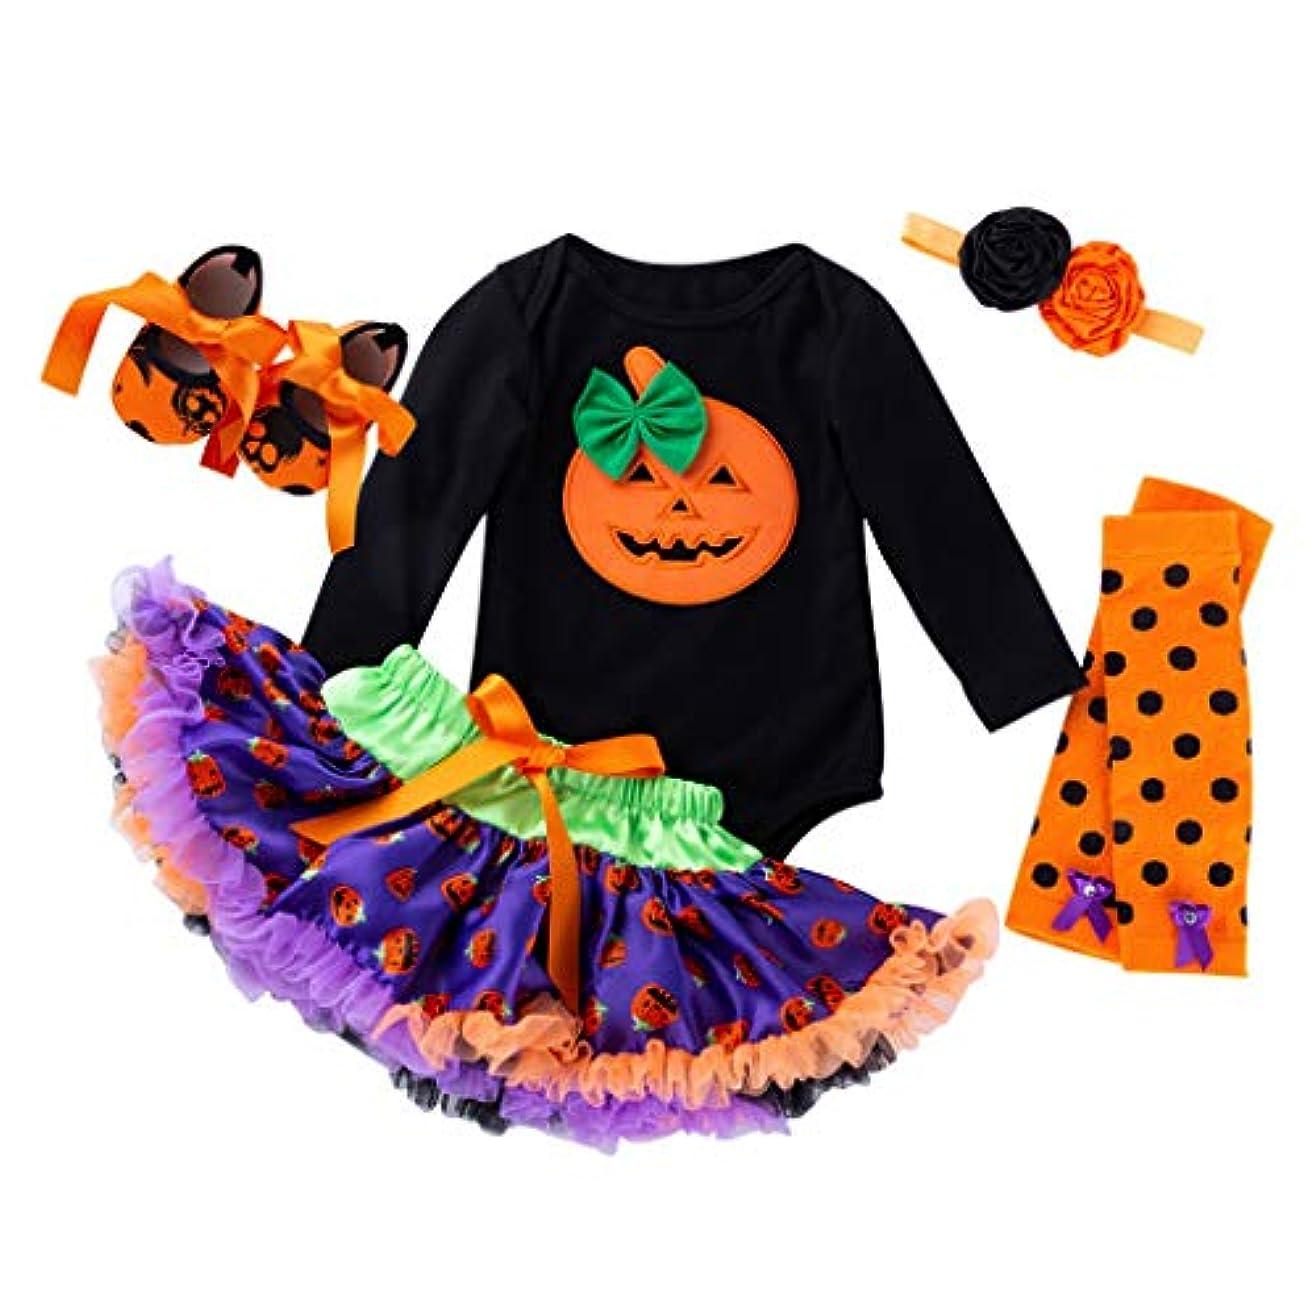 コミュニケーション海君主ハロウィン 赤ちゃん ワンピース Huliyun 女の子 ロンパース かわいい キッズ 仮装 子供用2ピース長袖ローブ+チュチュスカート ハロウィン 衣装 子供 女の子 パンプキン かぼちゃ 仮装